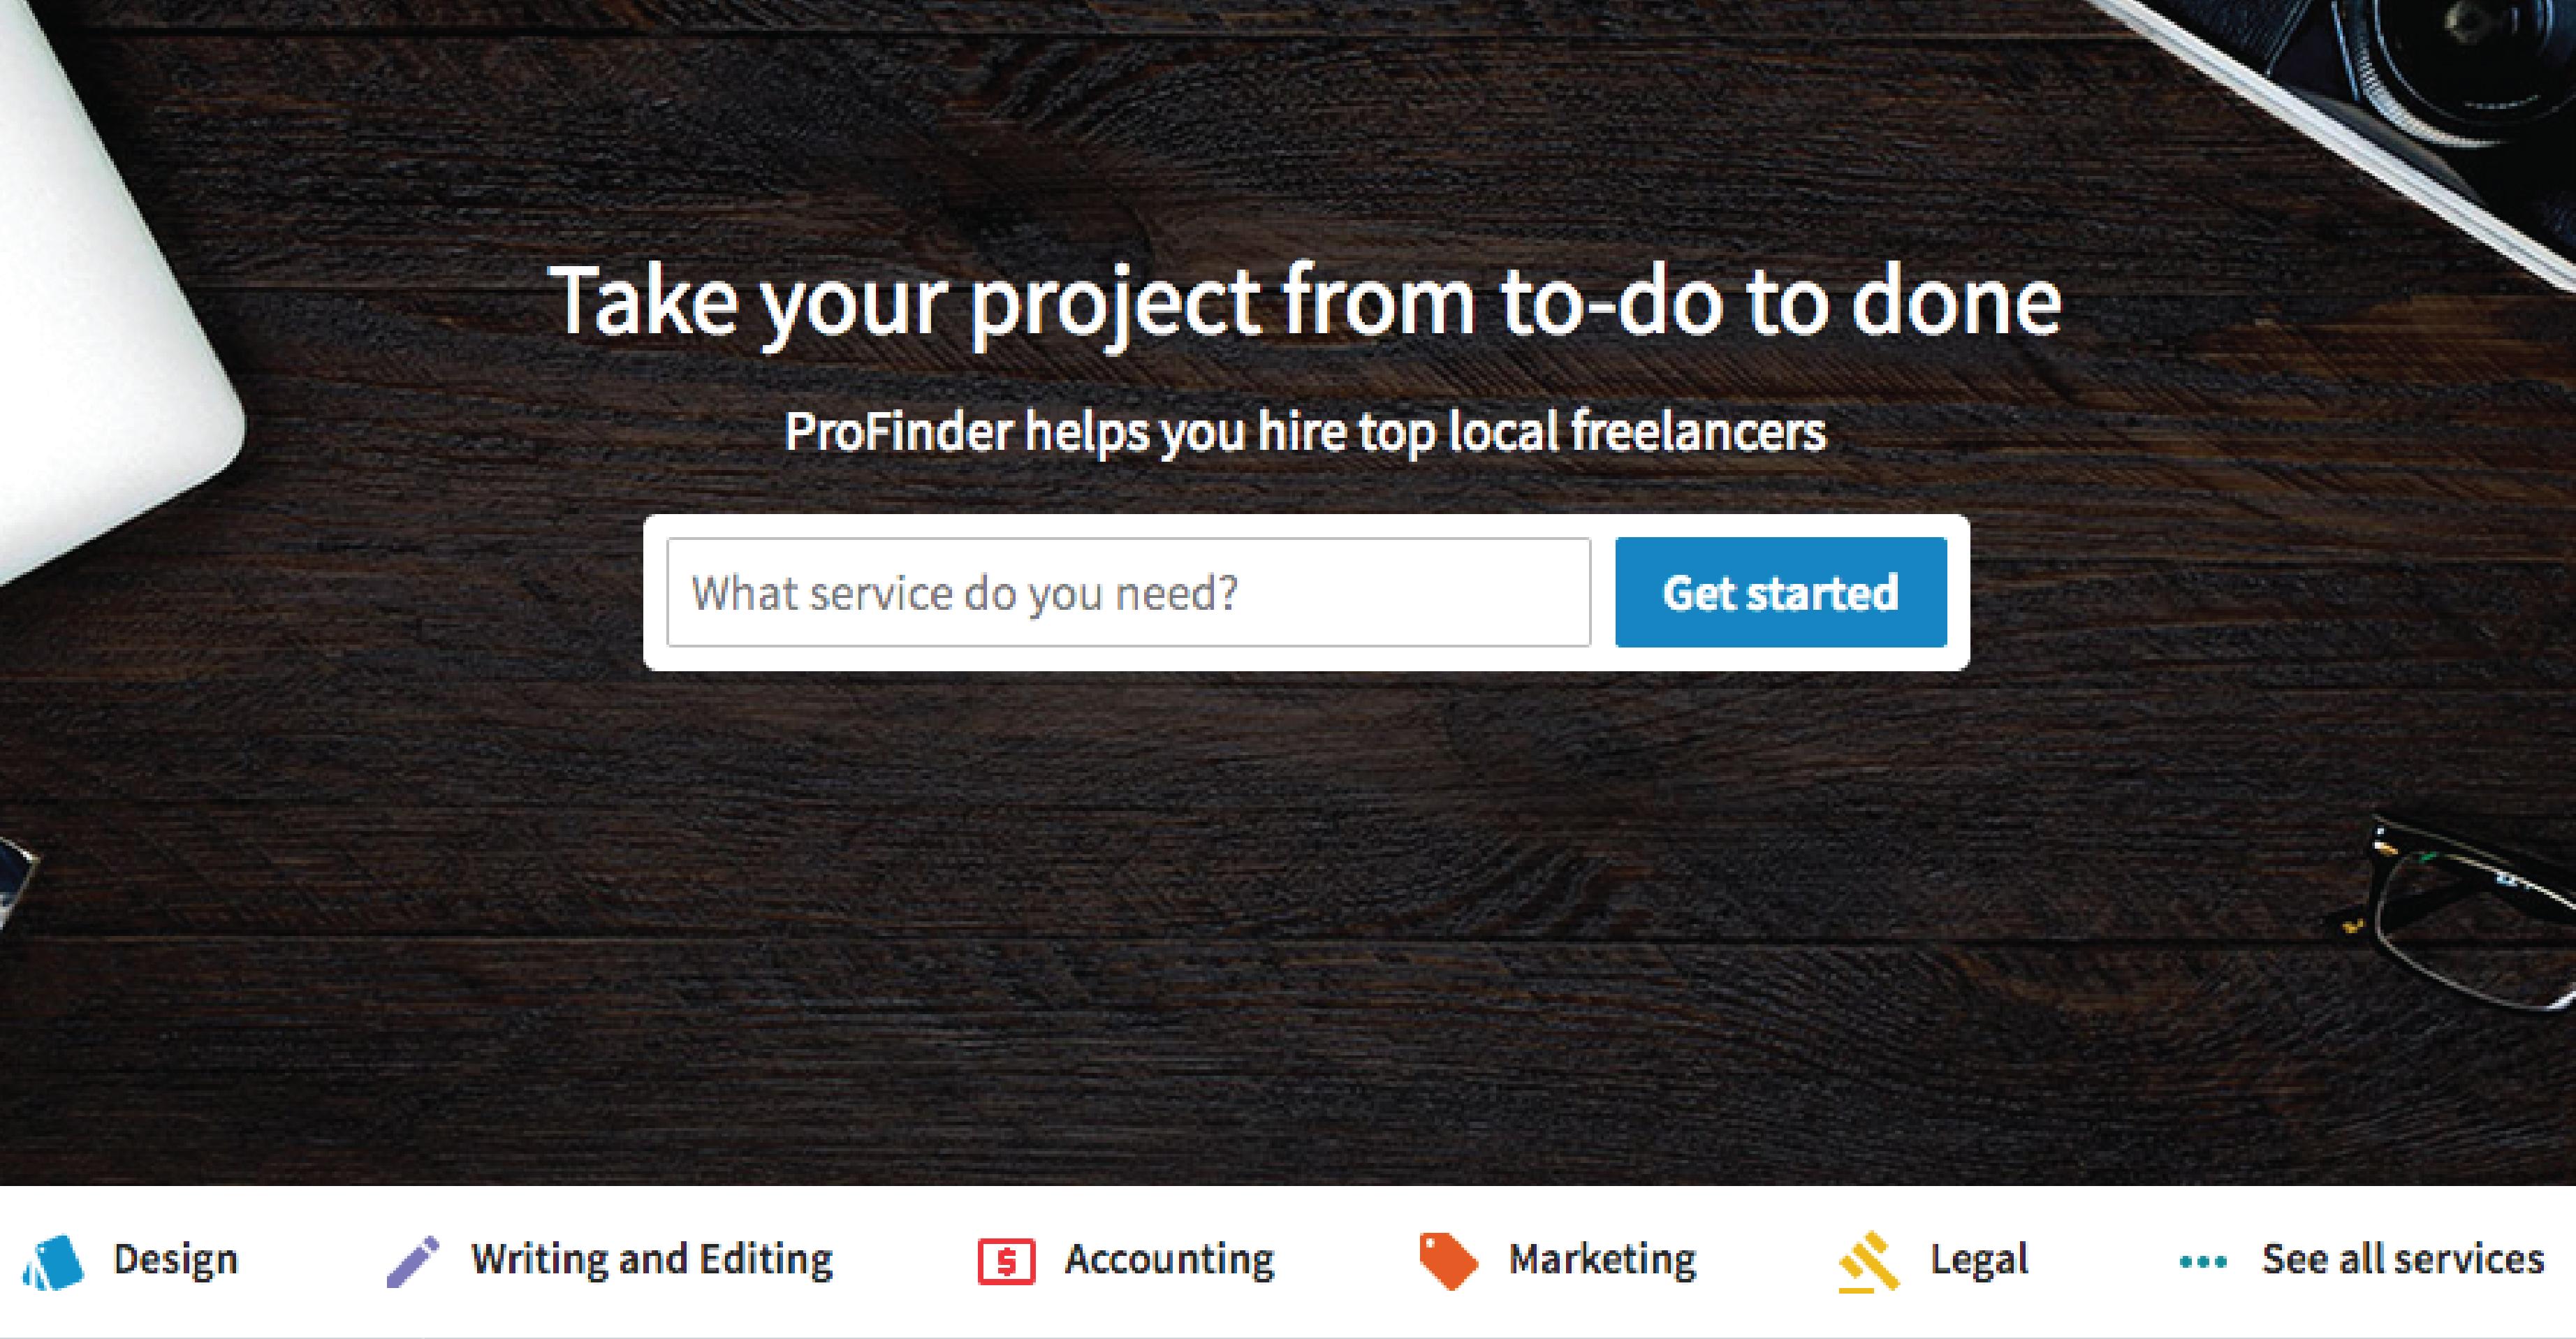 Image of LinkedIn's ProFinder